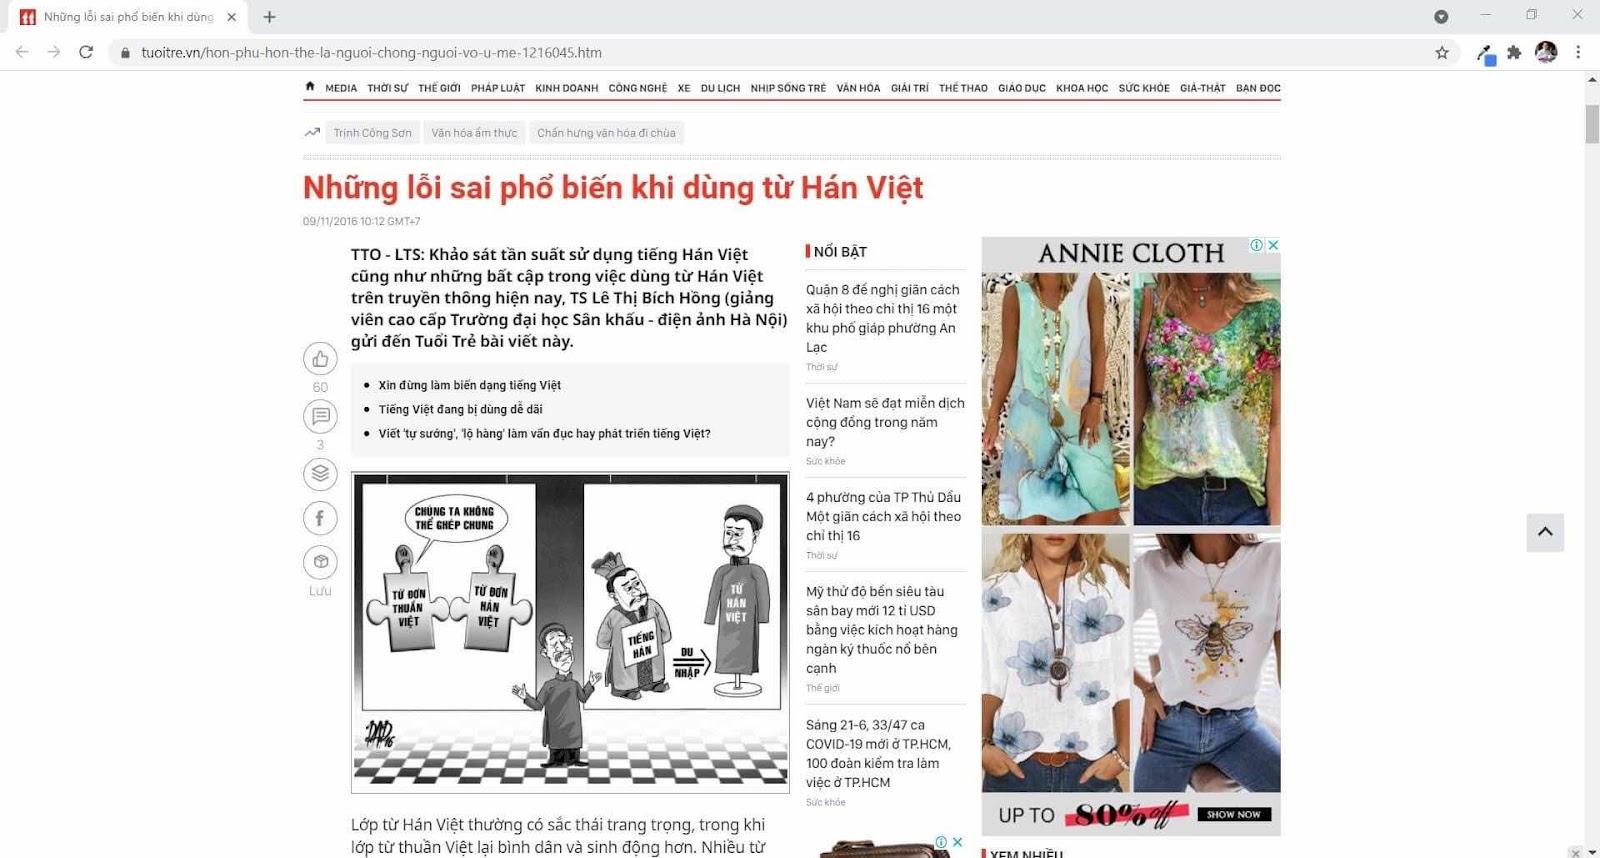 Về bài viết Những lỗi sai phổ biến khi dùng từ Hán Việt của cô TS Lê Thị Bích Hồng